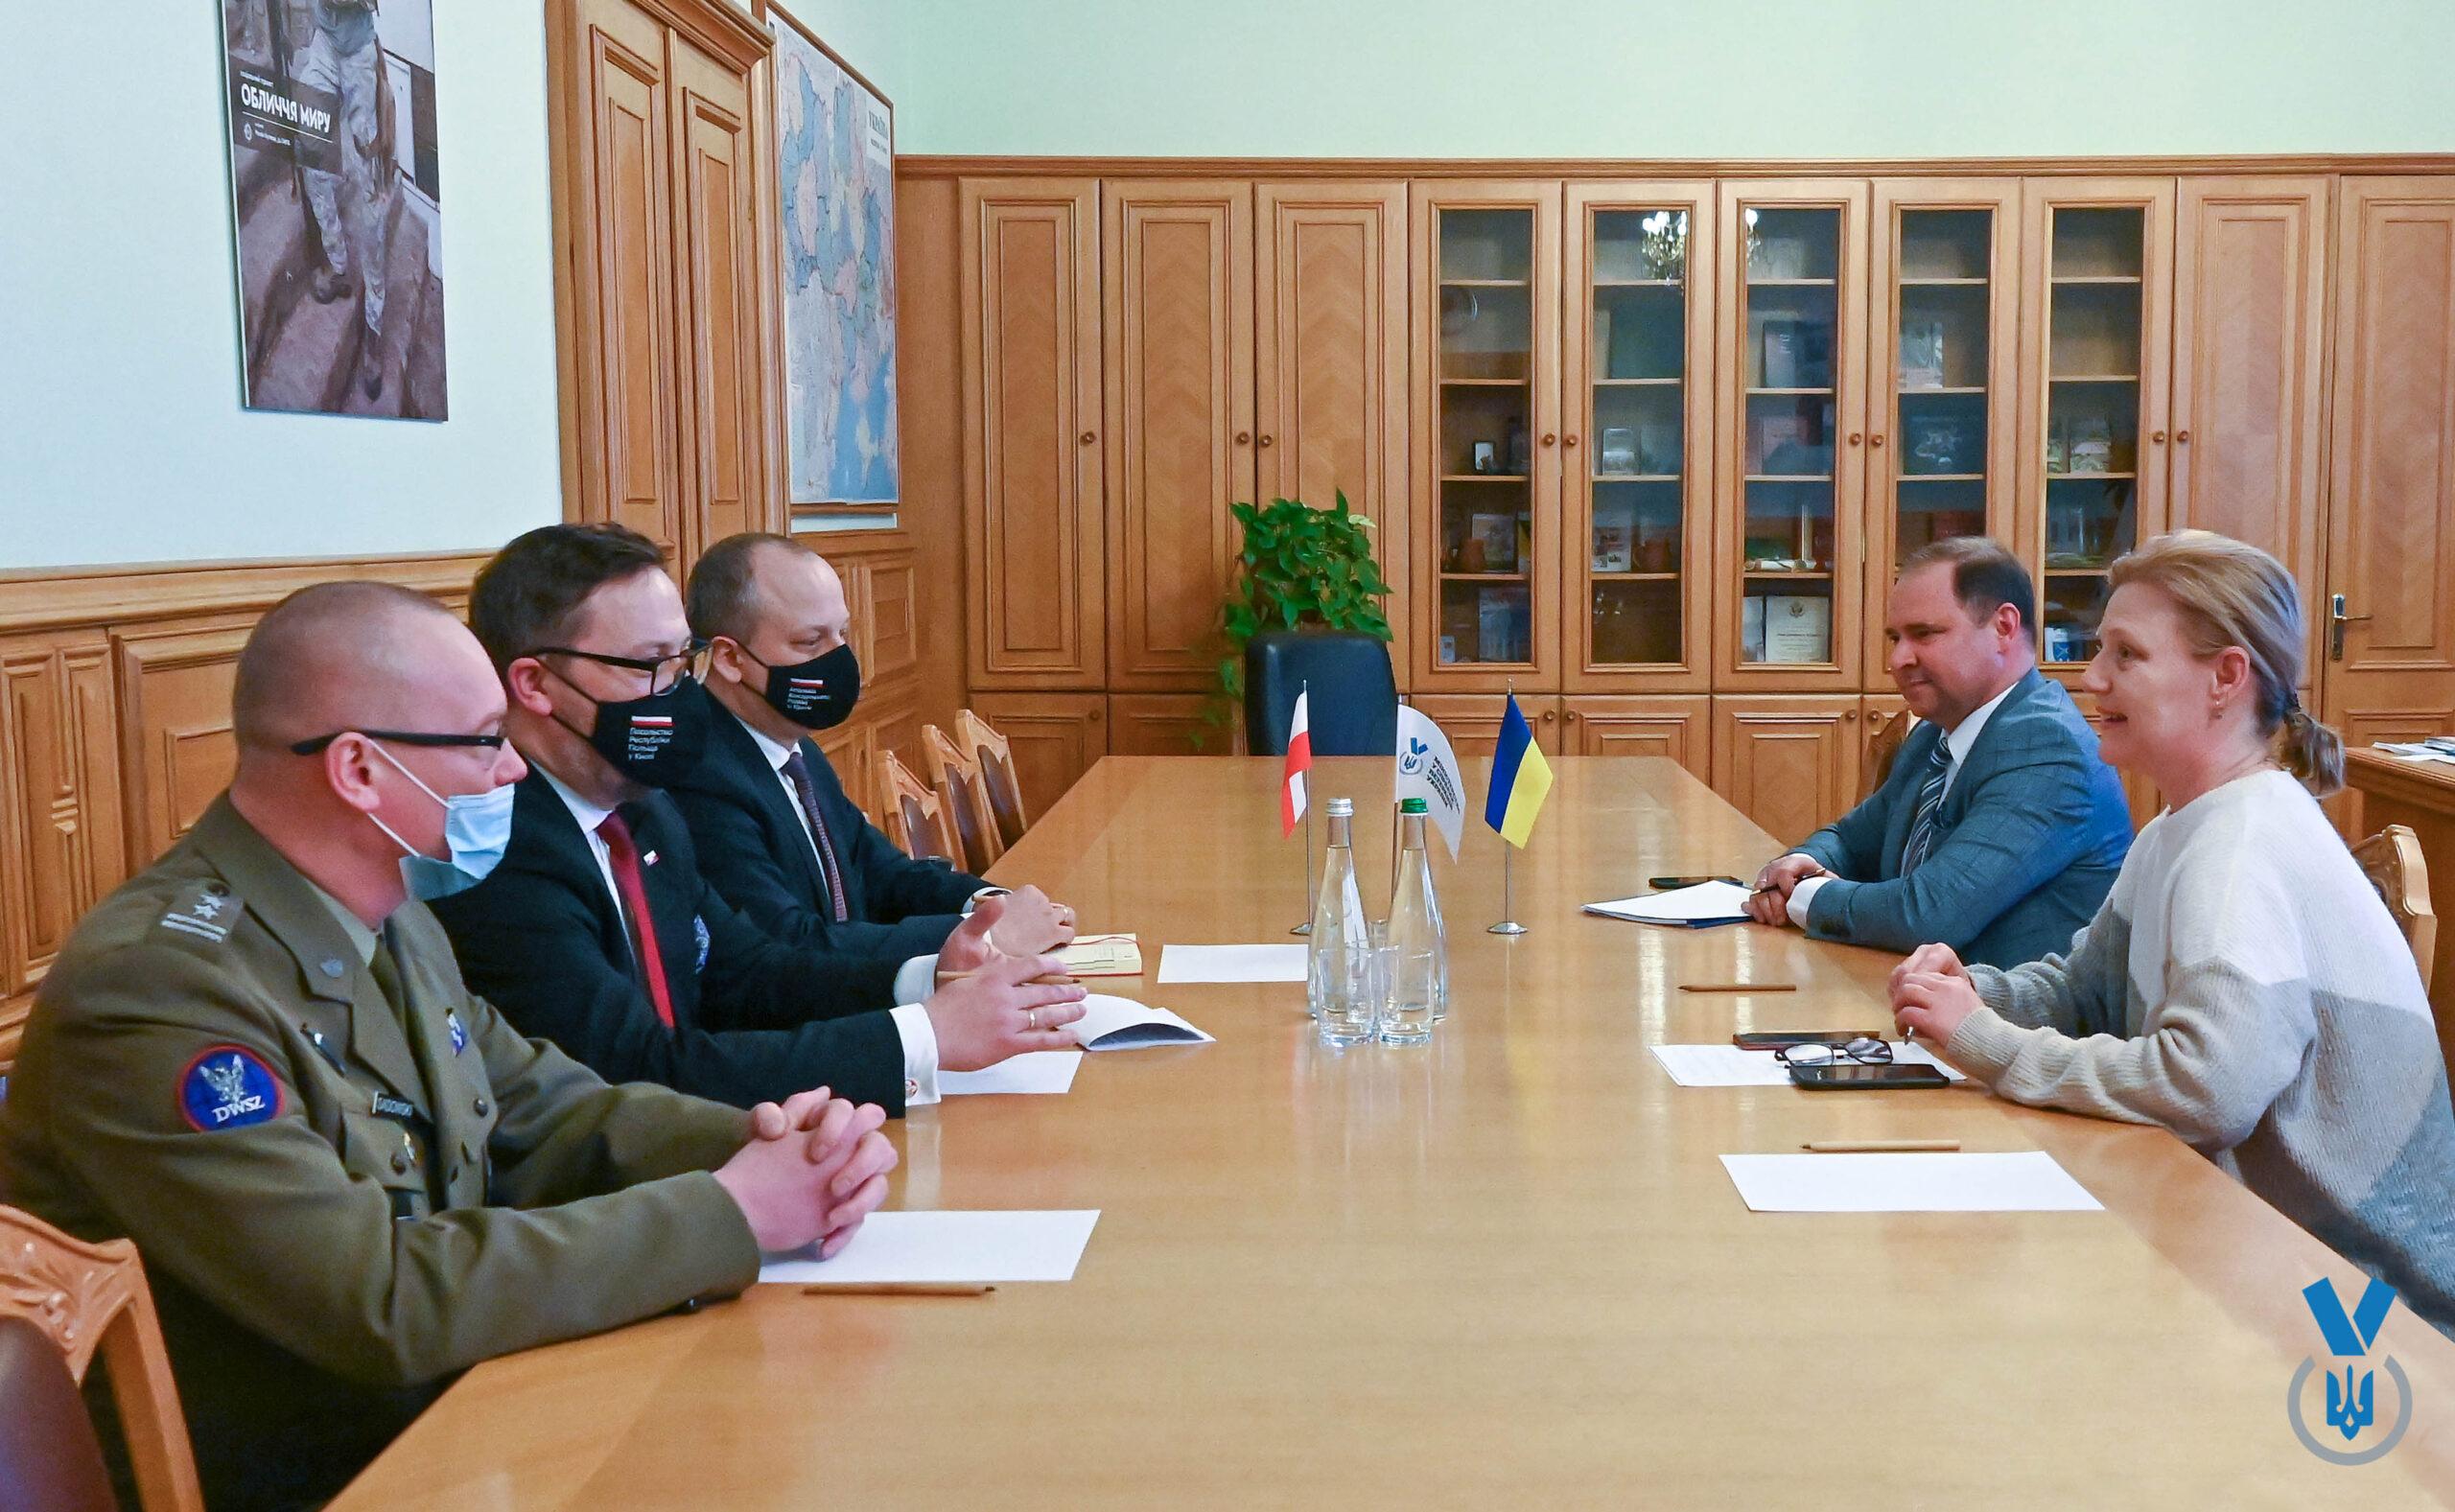 Юлія Лапутіна: «Розвиток ветеранської дипломатії посилить підтримку України світовою спільнотою»